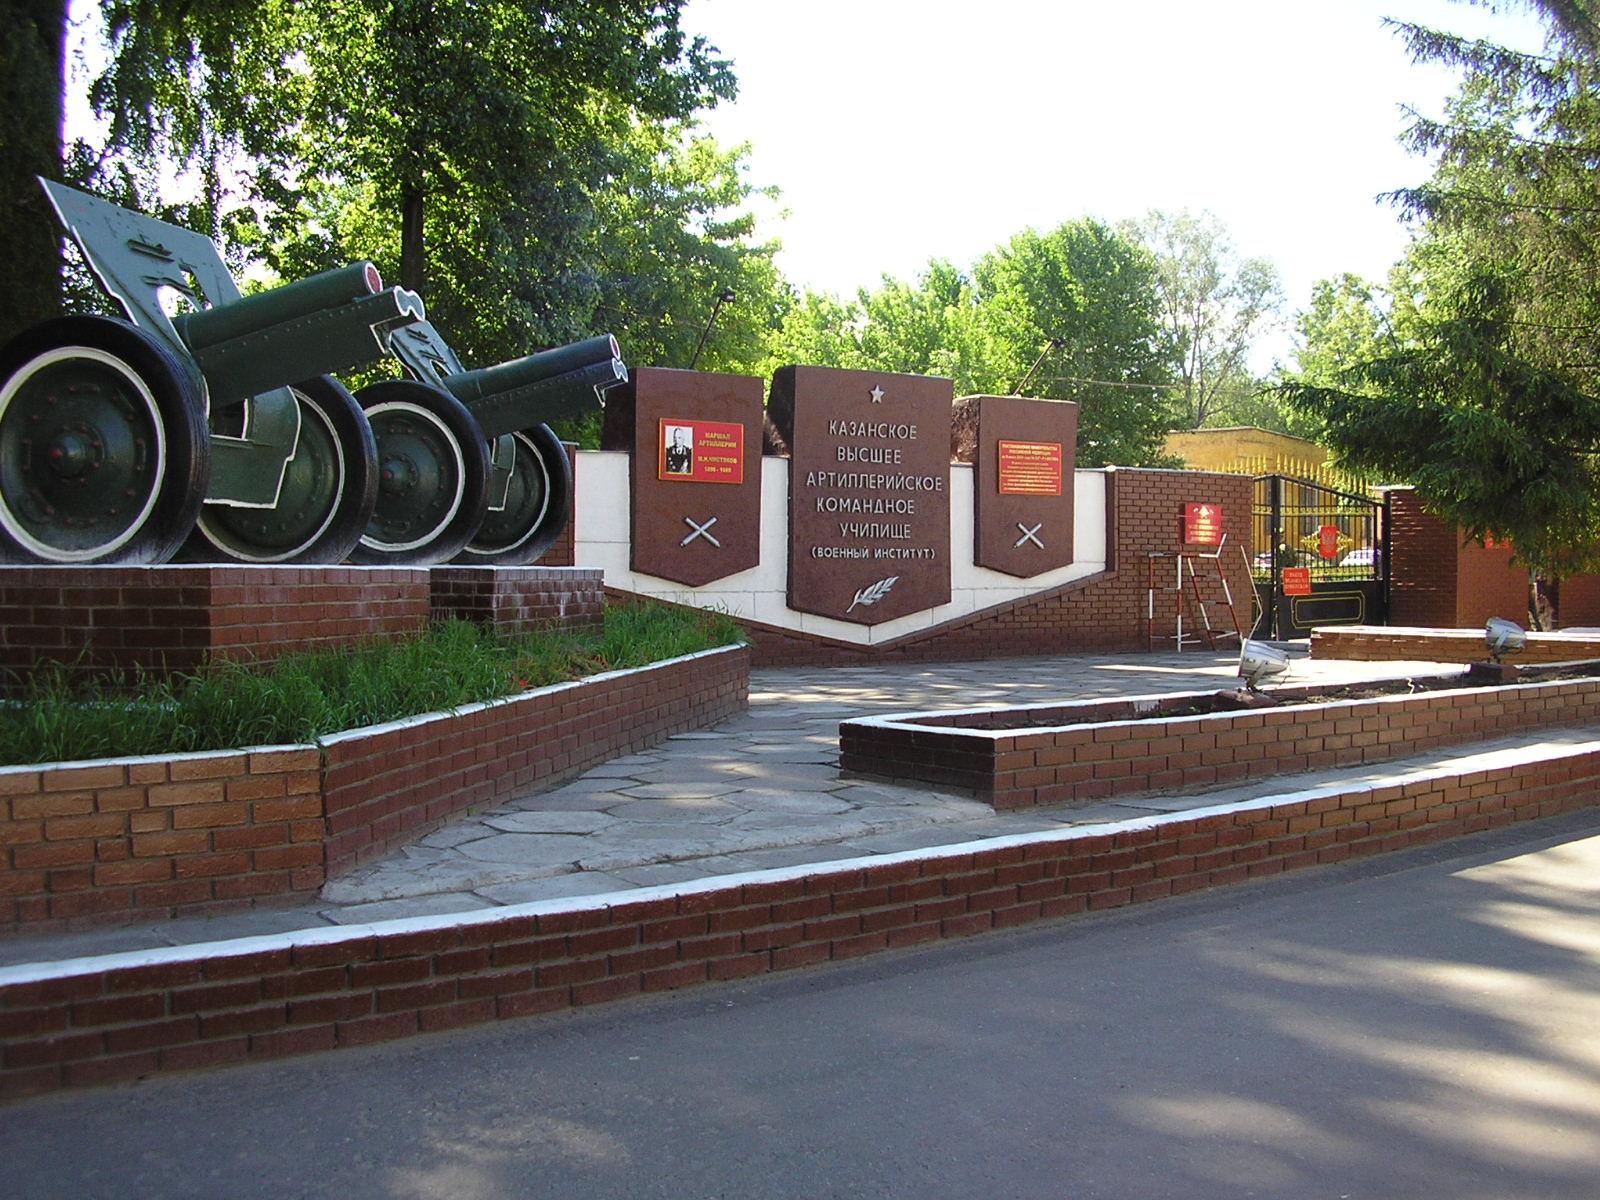 казанское высшее артиллерийское командное училище десерте